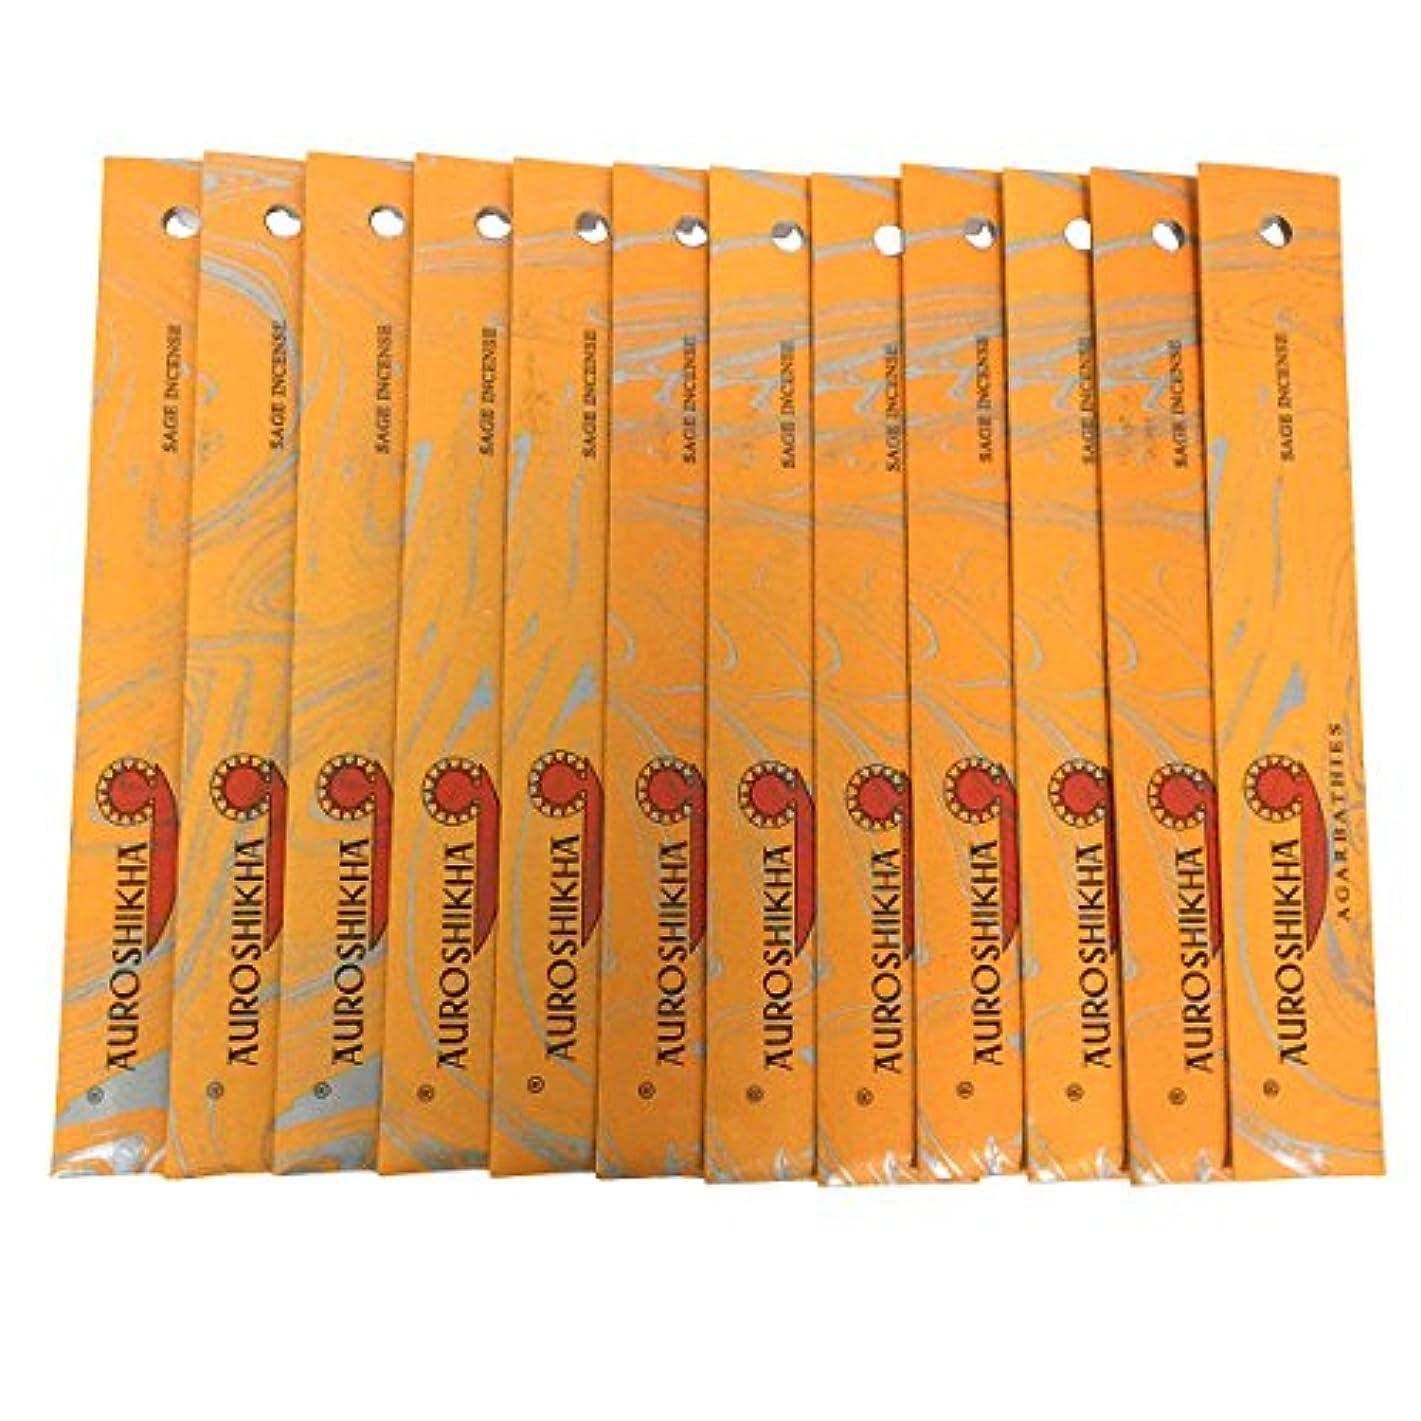 並外れた消費者受け入れるAUROSHIKHA オウロシカ(SAGEセージ12個セット) マーブルパッケージスティック 送料無料